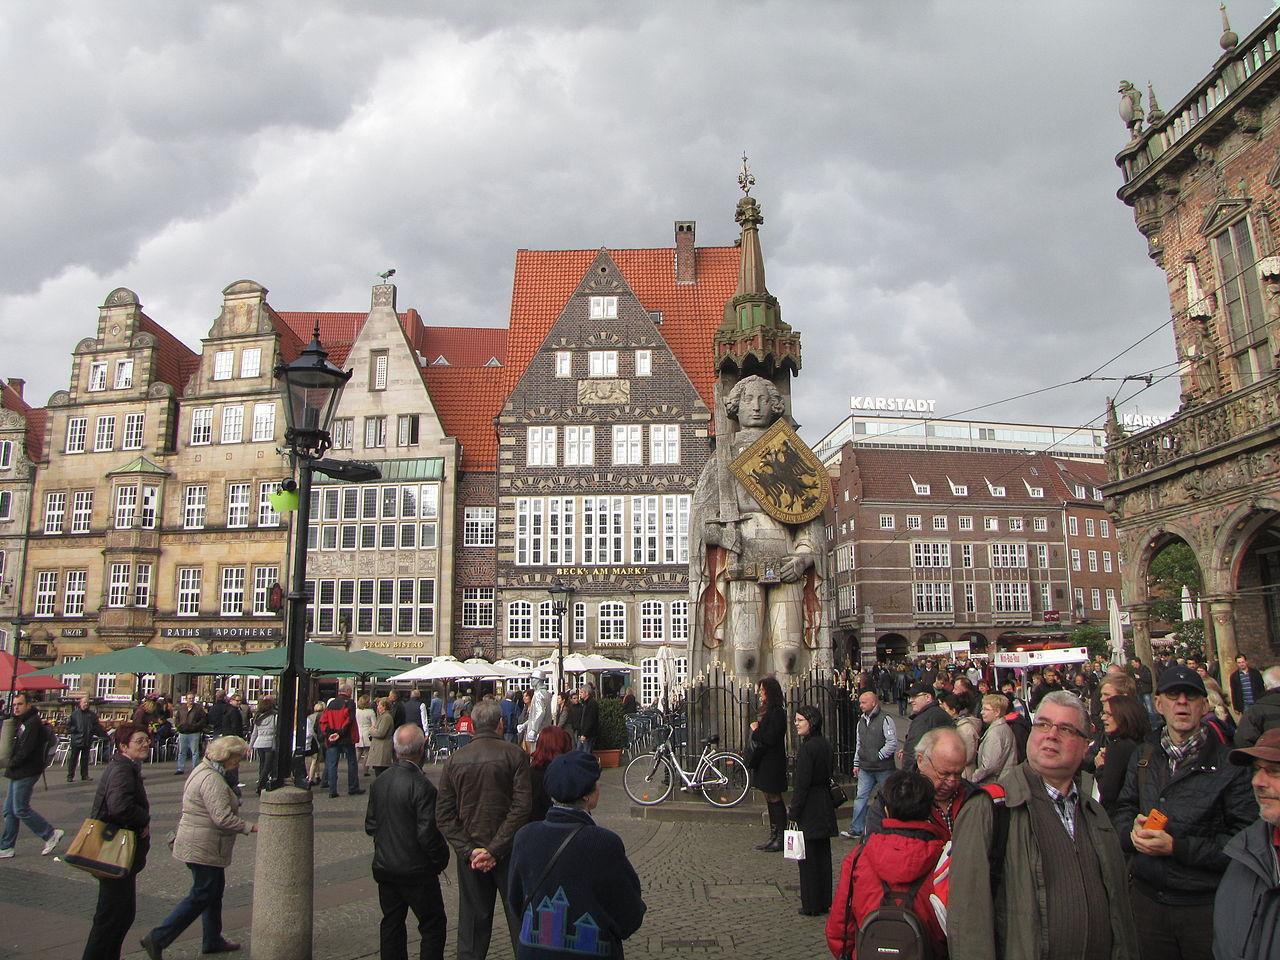 Статуя Роланда на Рыночной площади, Бремен